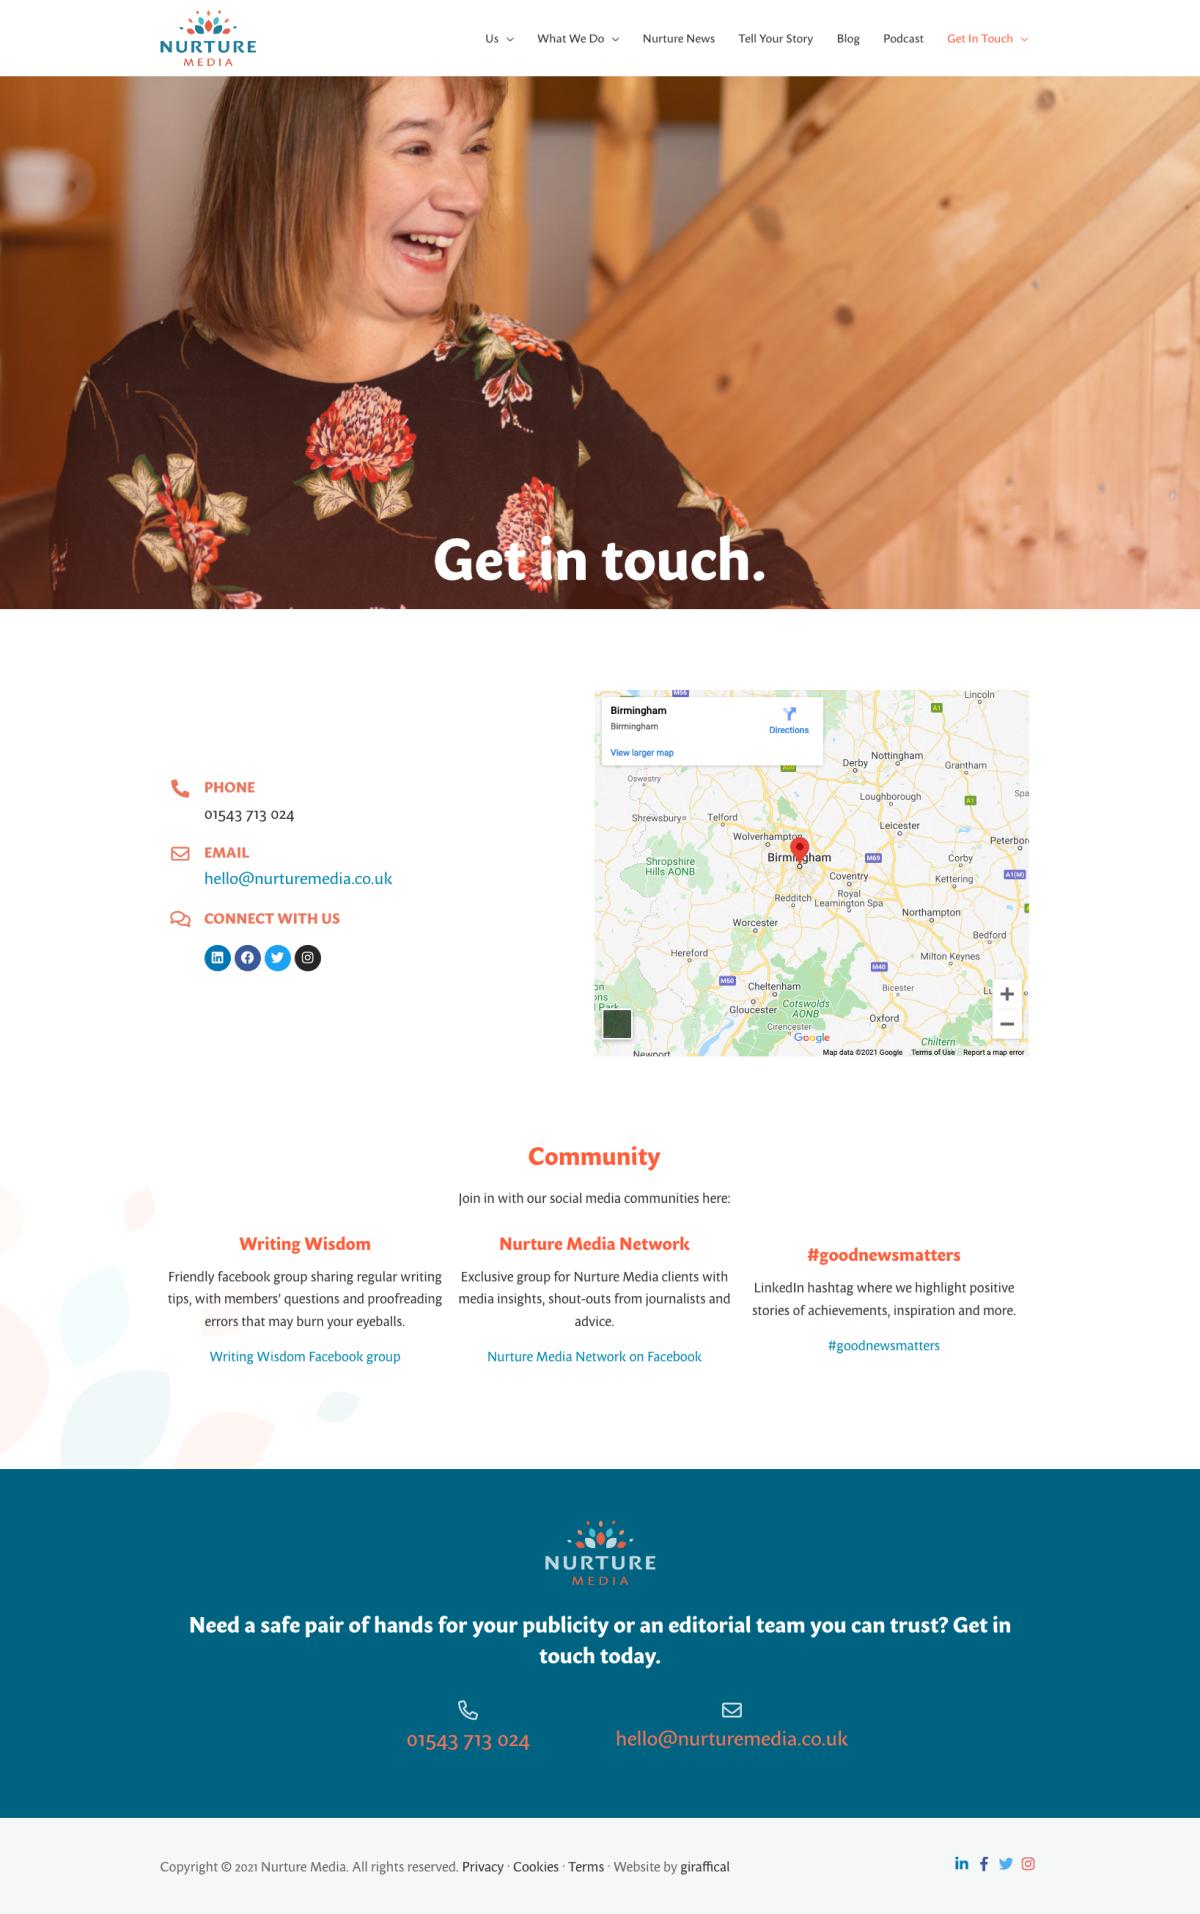 PR Publicity Agency Website Design - Nurture Media - Contact Page